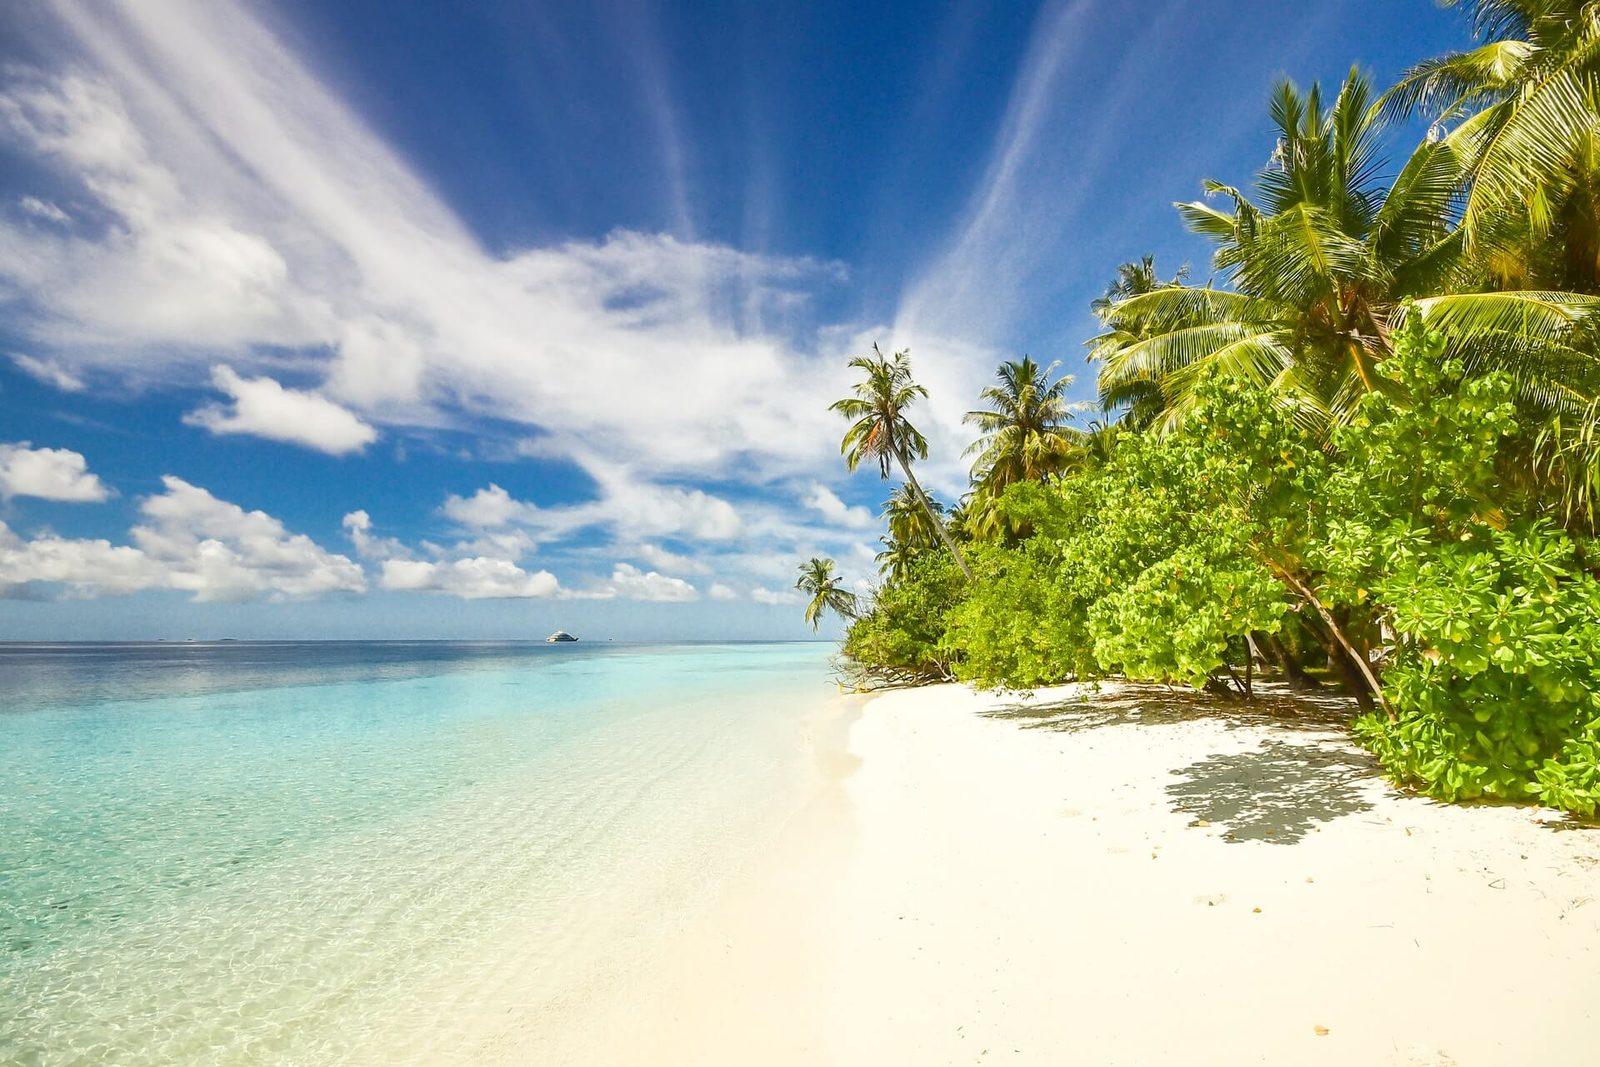 Bonaire beaches